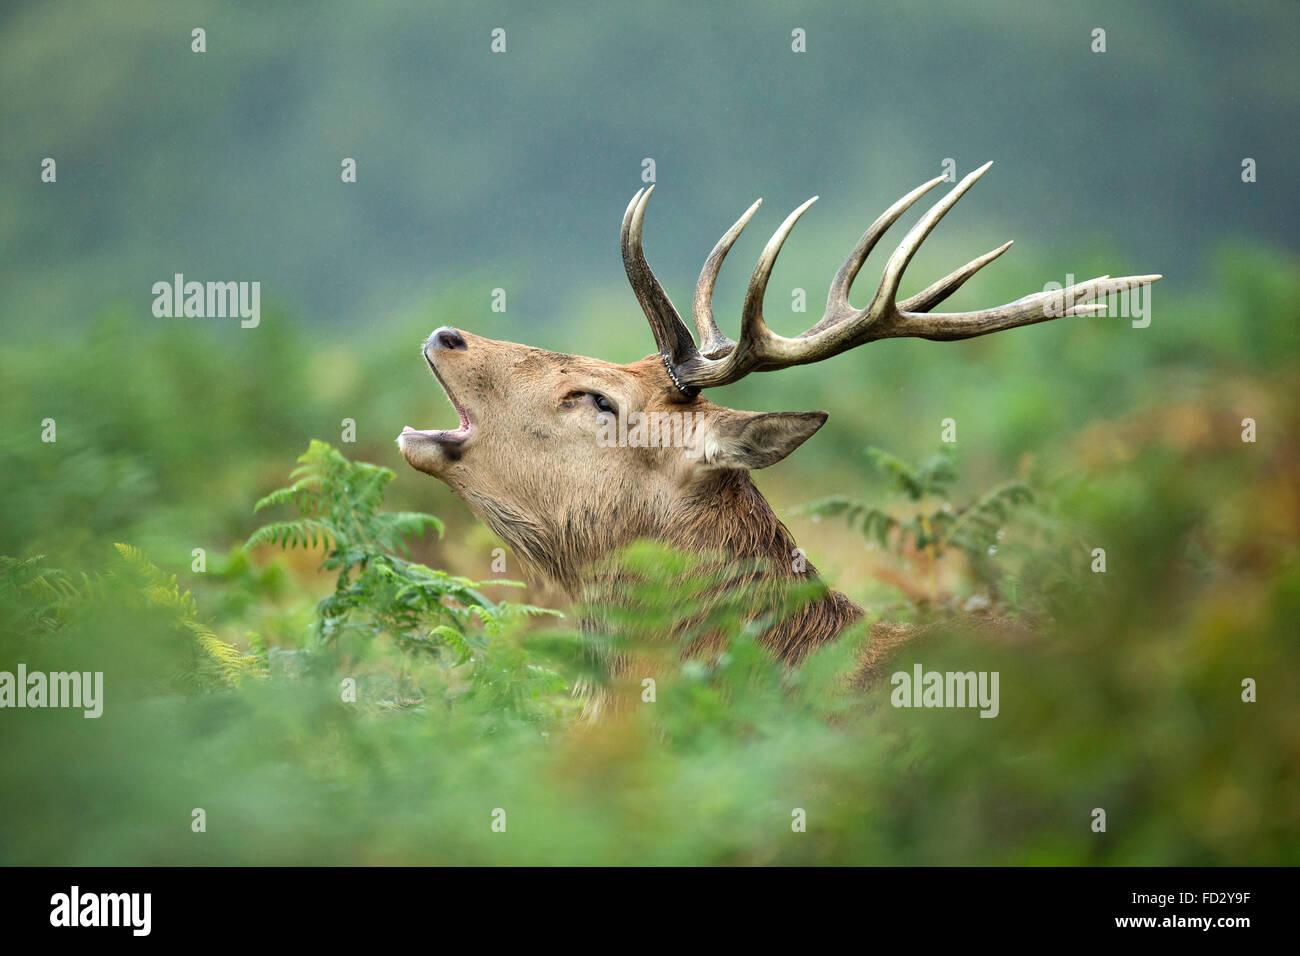 Red deer (Cervus elaphus) stag roaring in bracken during the rutting season - Stock Image